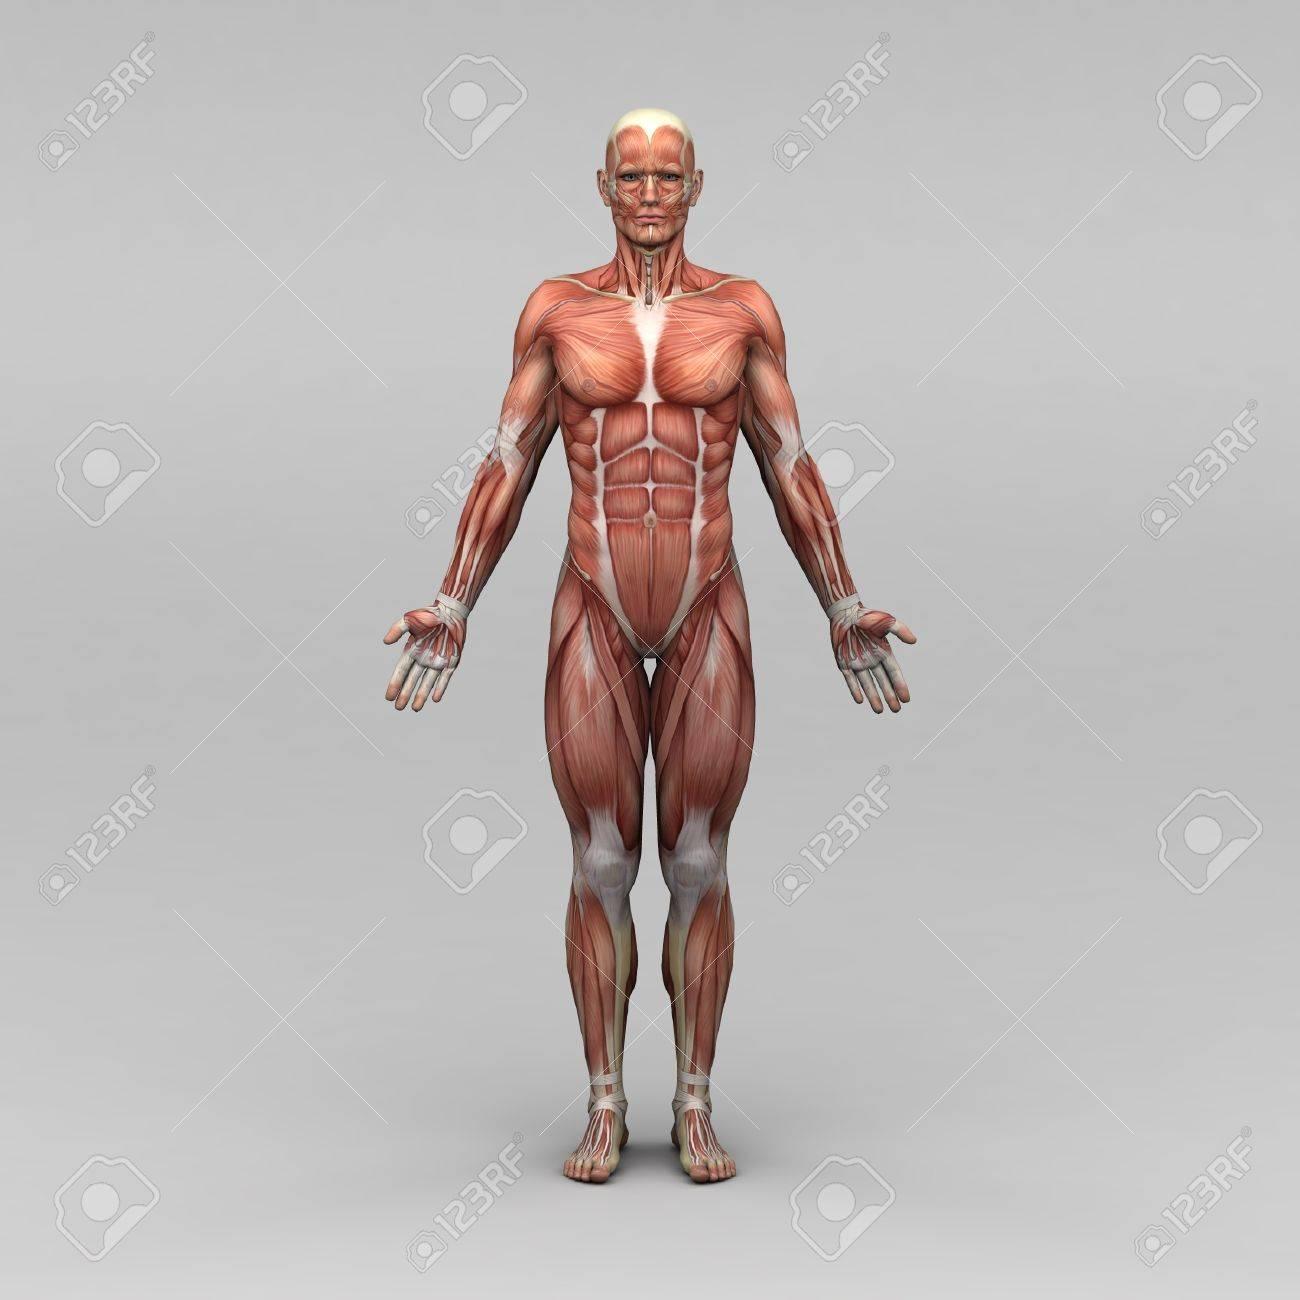 Groß Anatomie Muskeln Arm Bilder - Anatomie Ideen - finotti.info